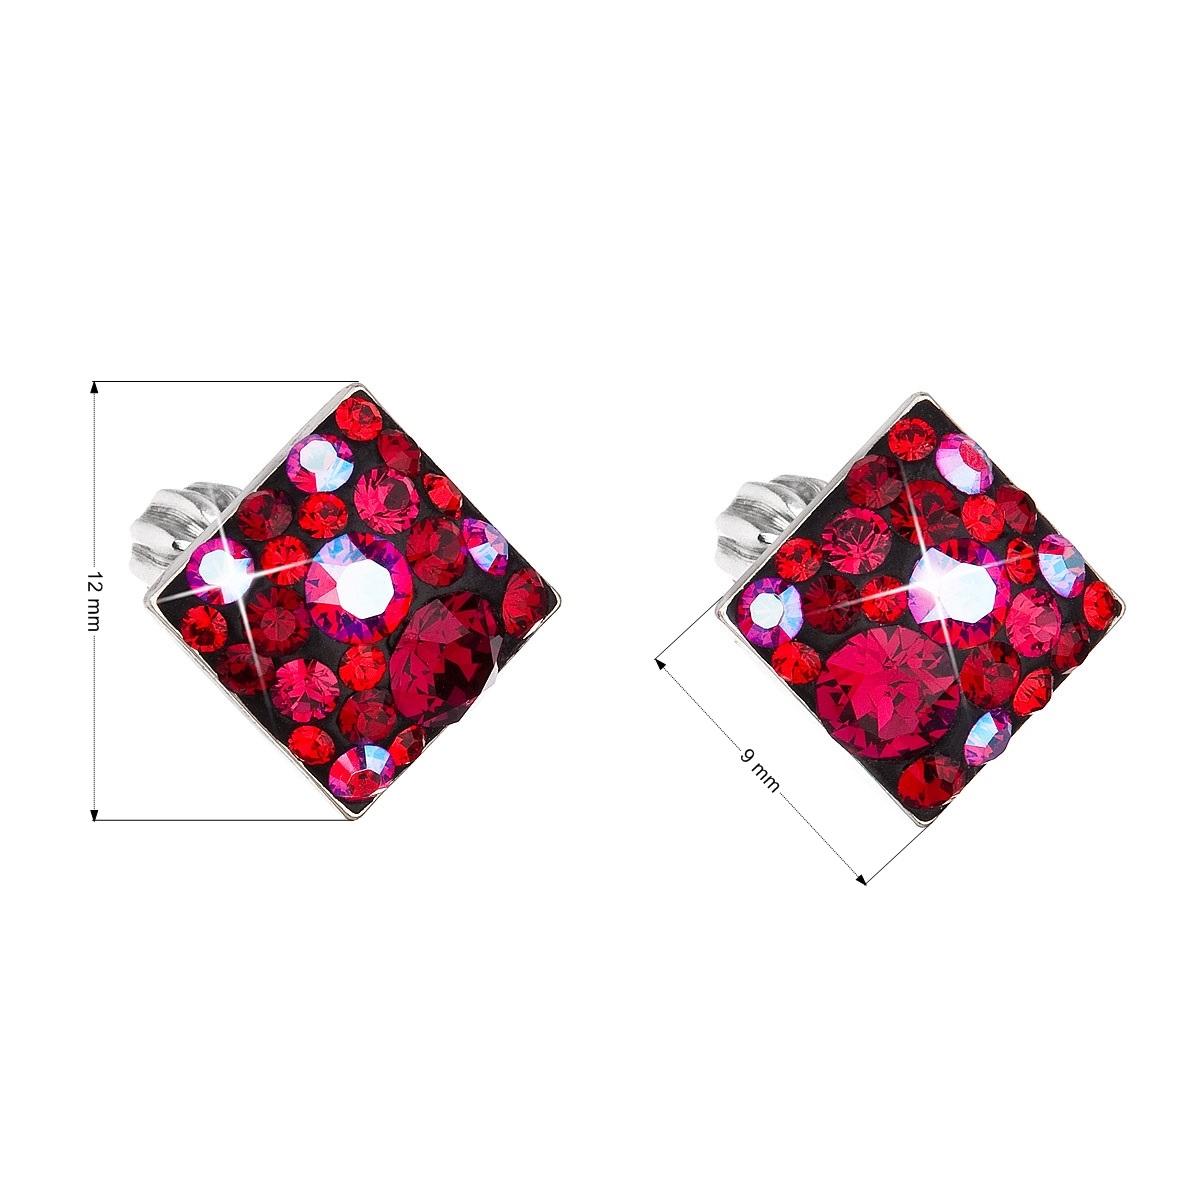 Stříbrné šroubovací náušnice s krystaly Crystals from Swarovski®, Cherry EG2006-CH